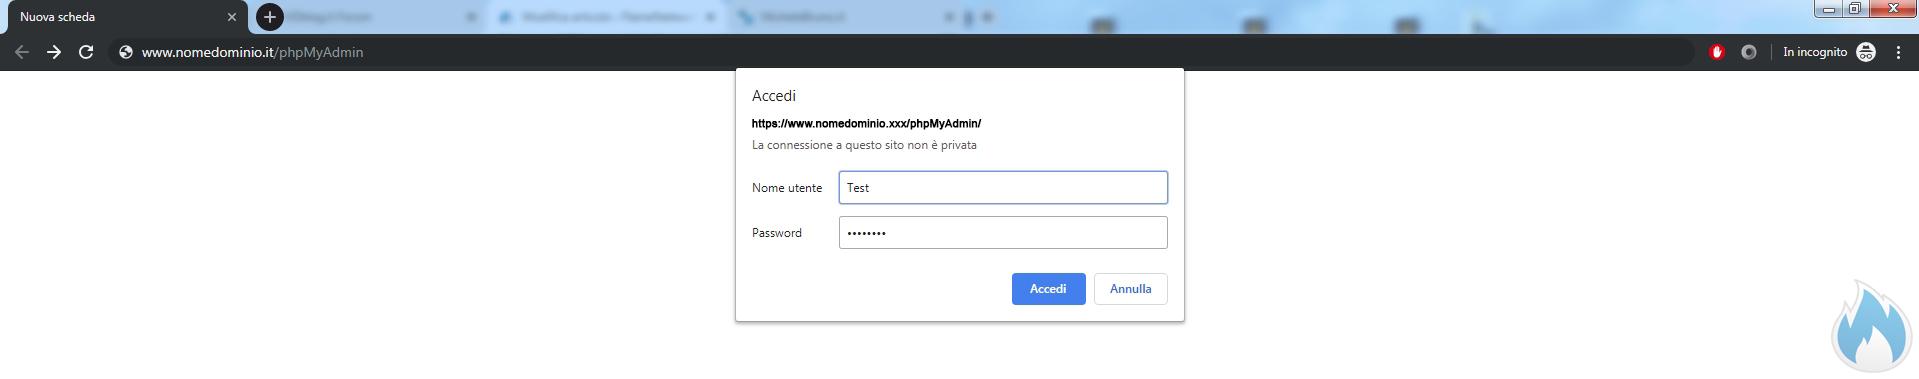 Esempio Pagina con htpassword